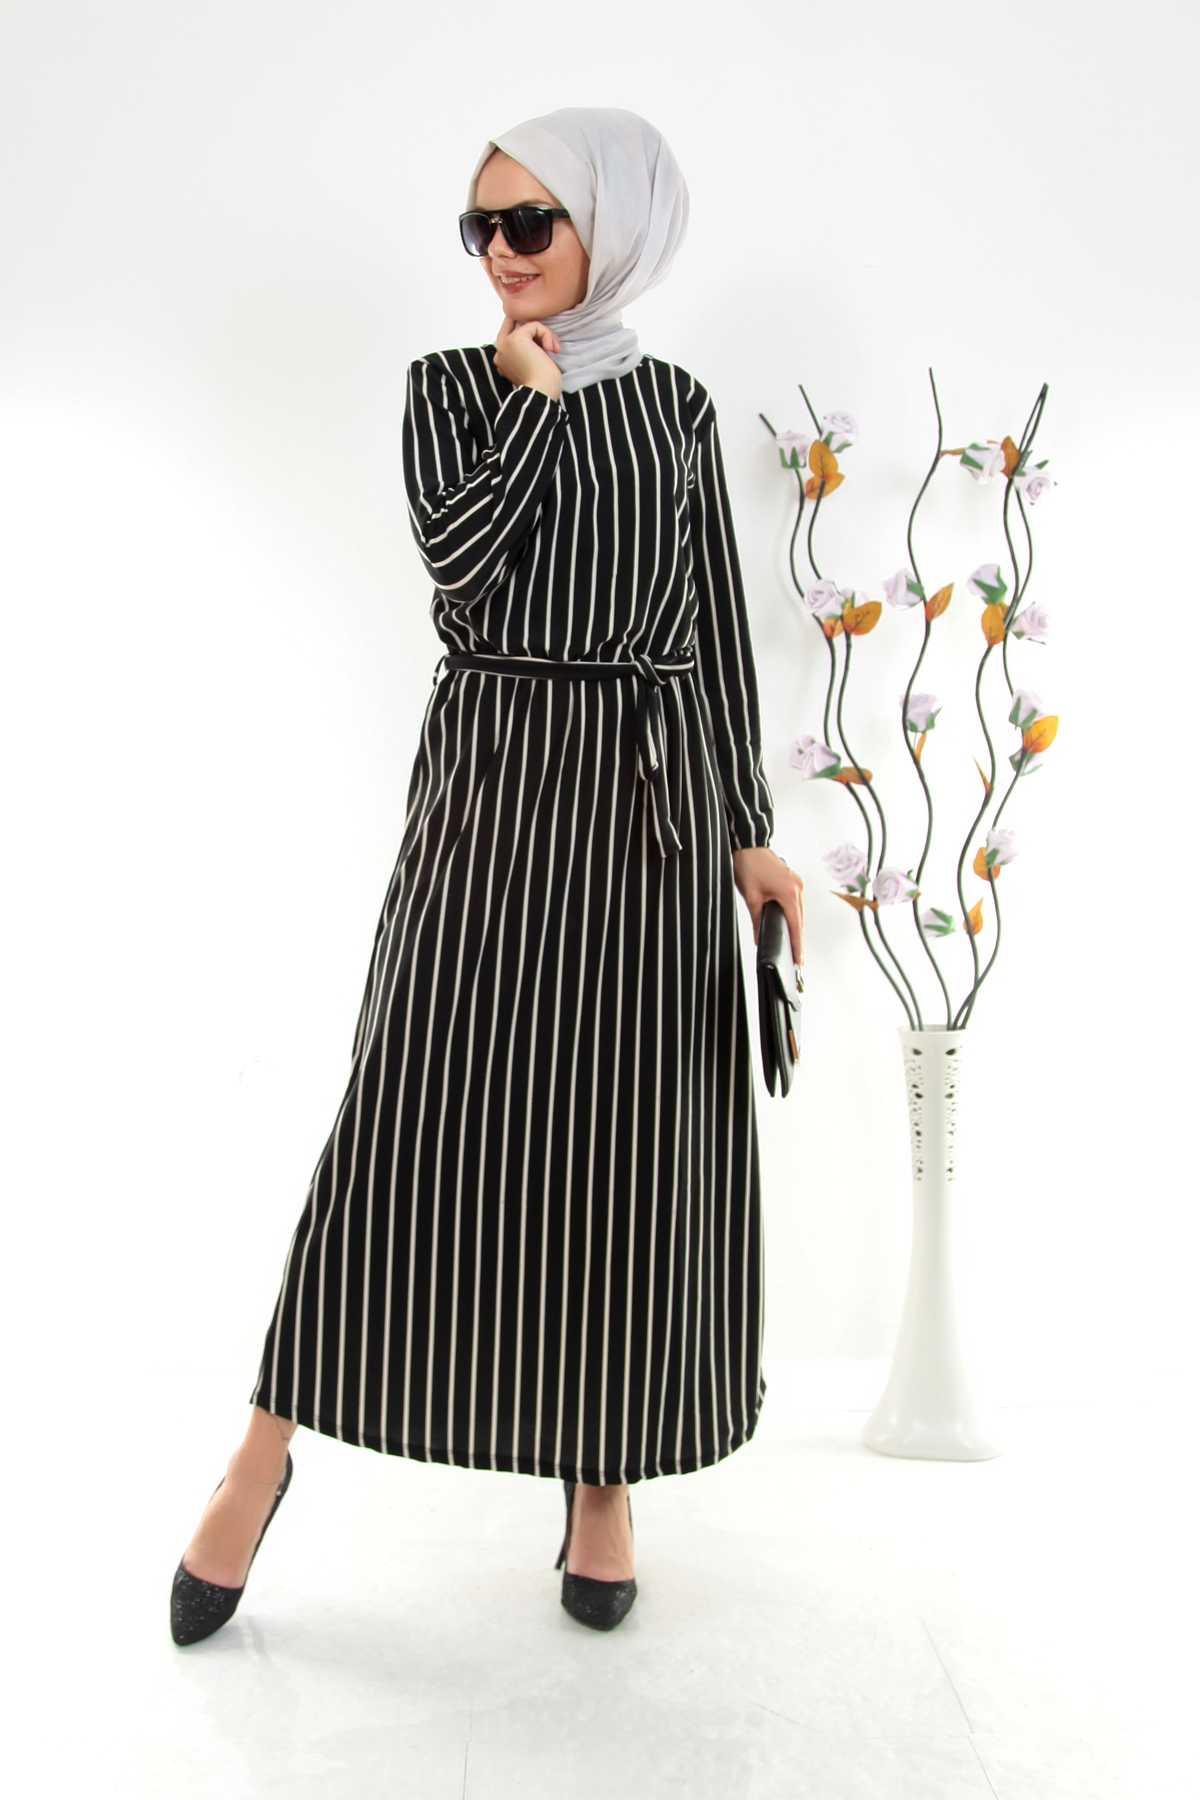 Modaminem Boydan Tesettür Çizgili Elbise Modelleri